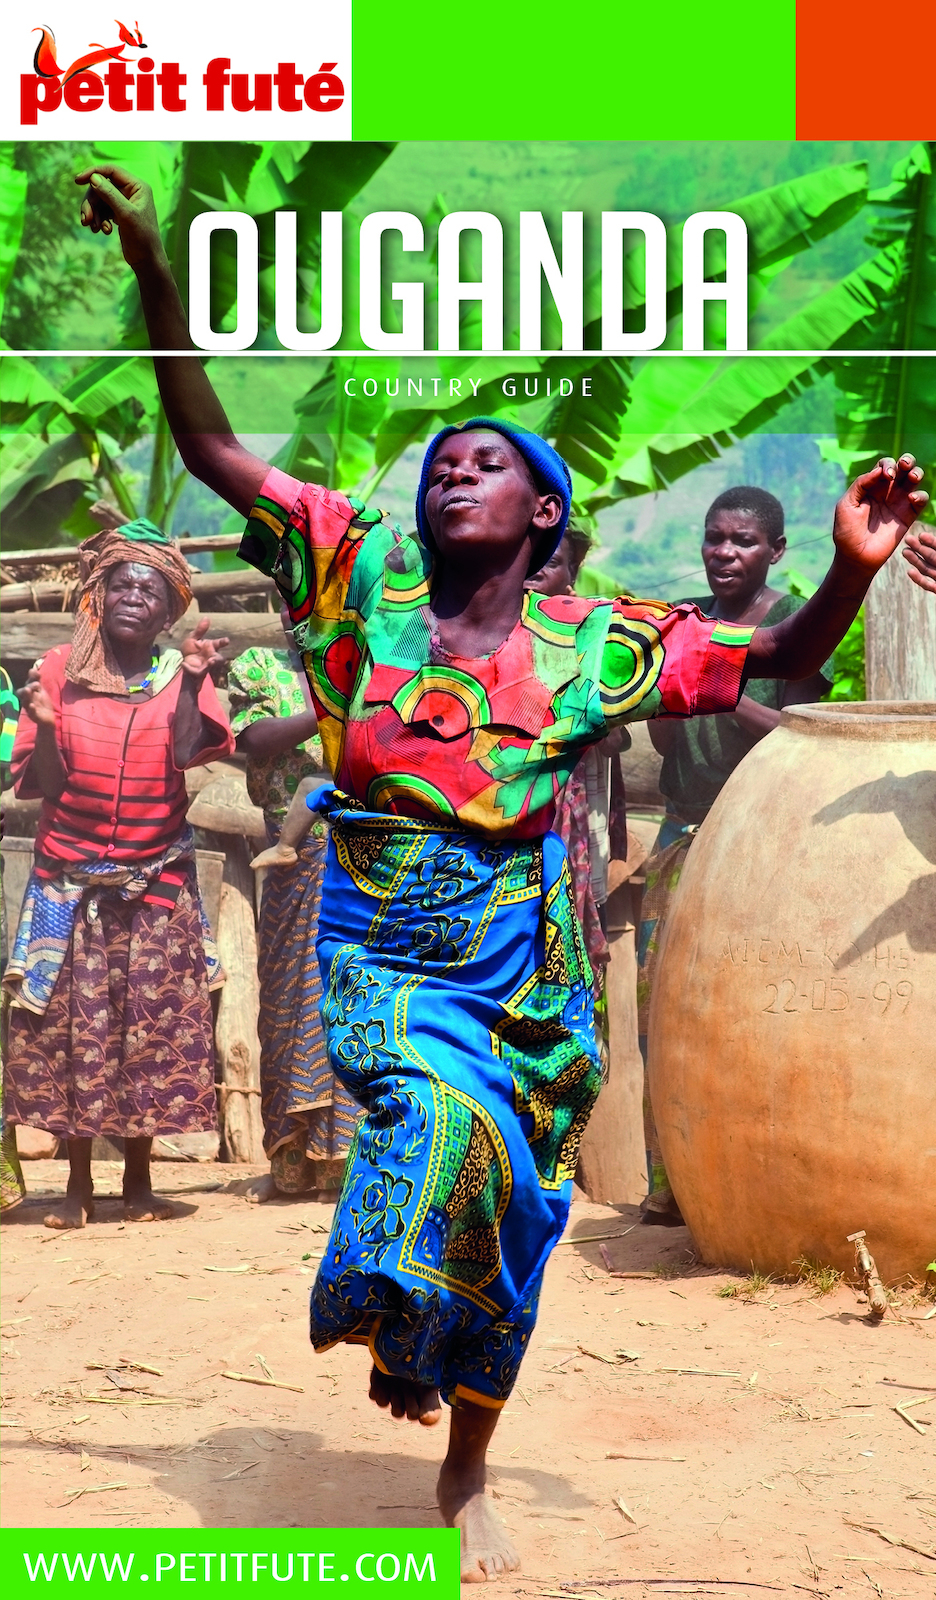 OUGANDA 2019 Petit Futé